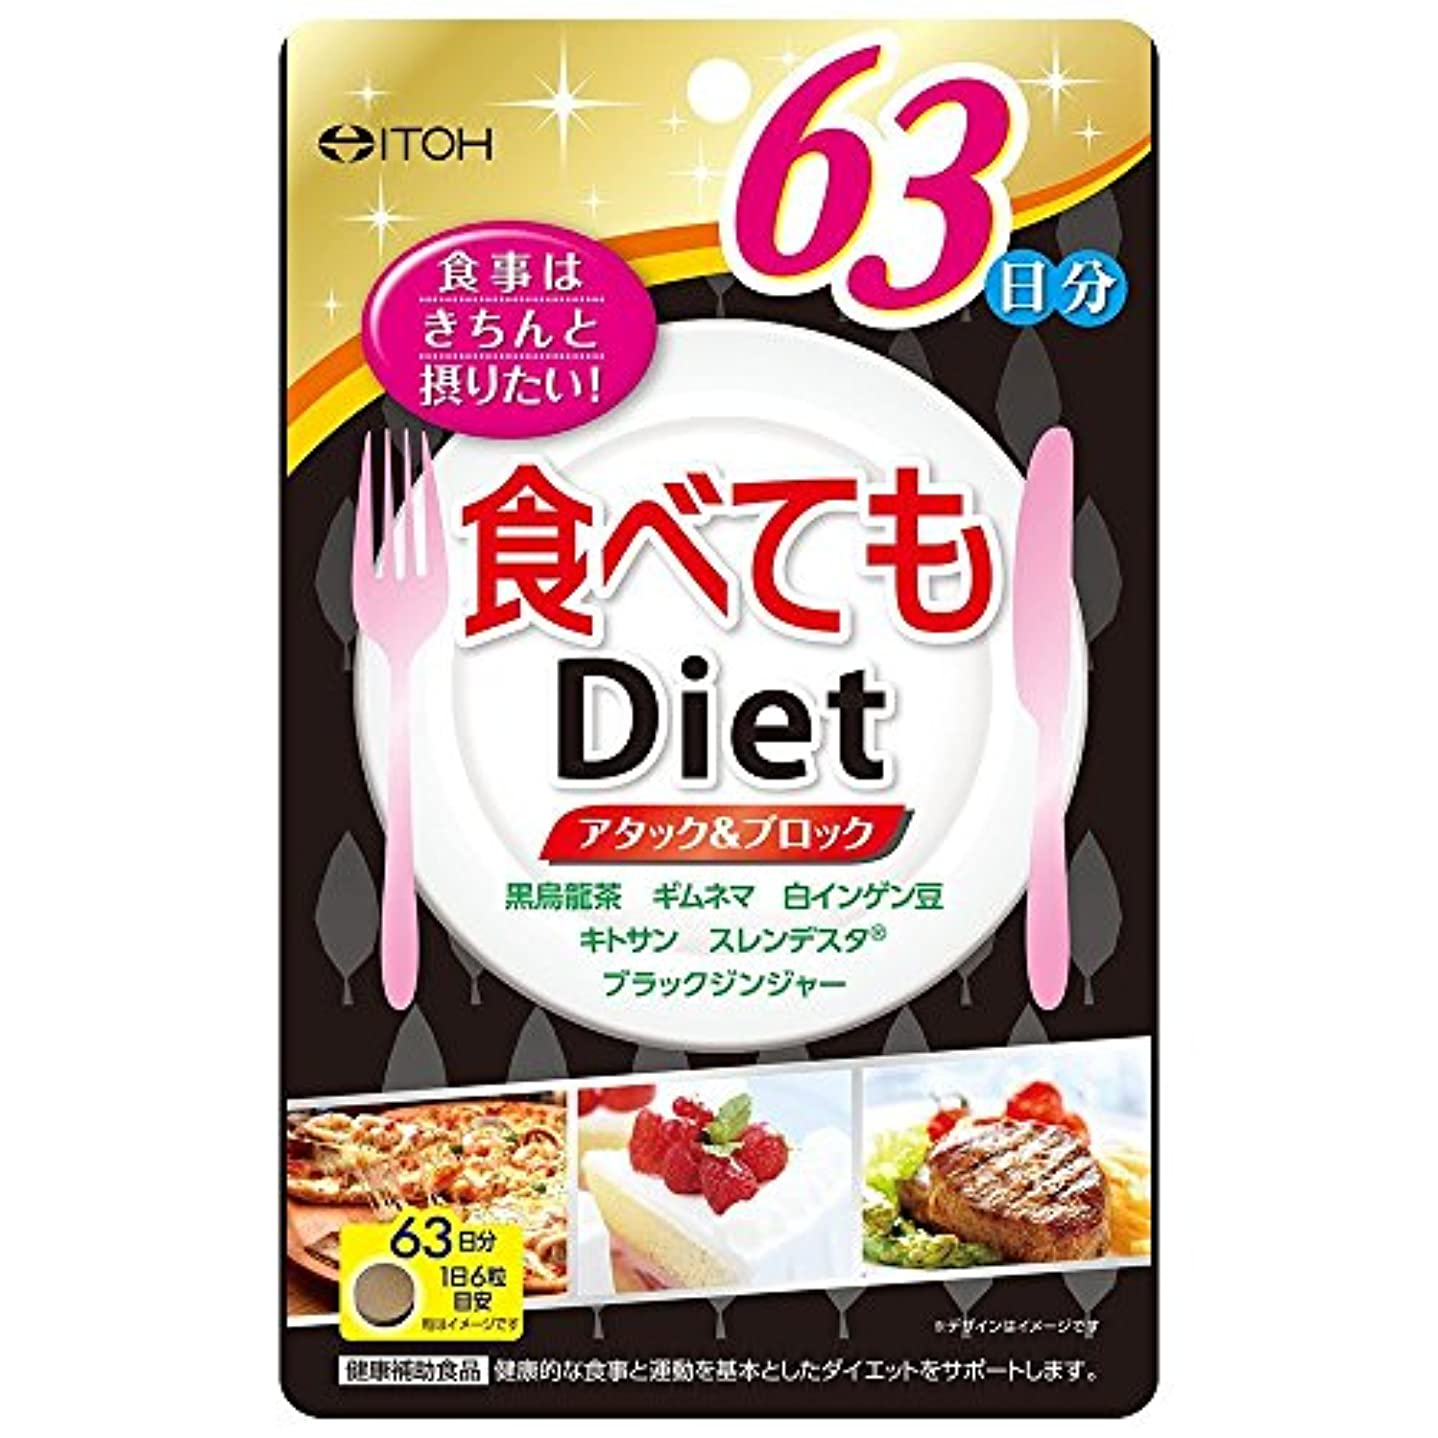 承認する机性格井藤漢方製薬 食べてもDiet 378粒 約63日分